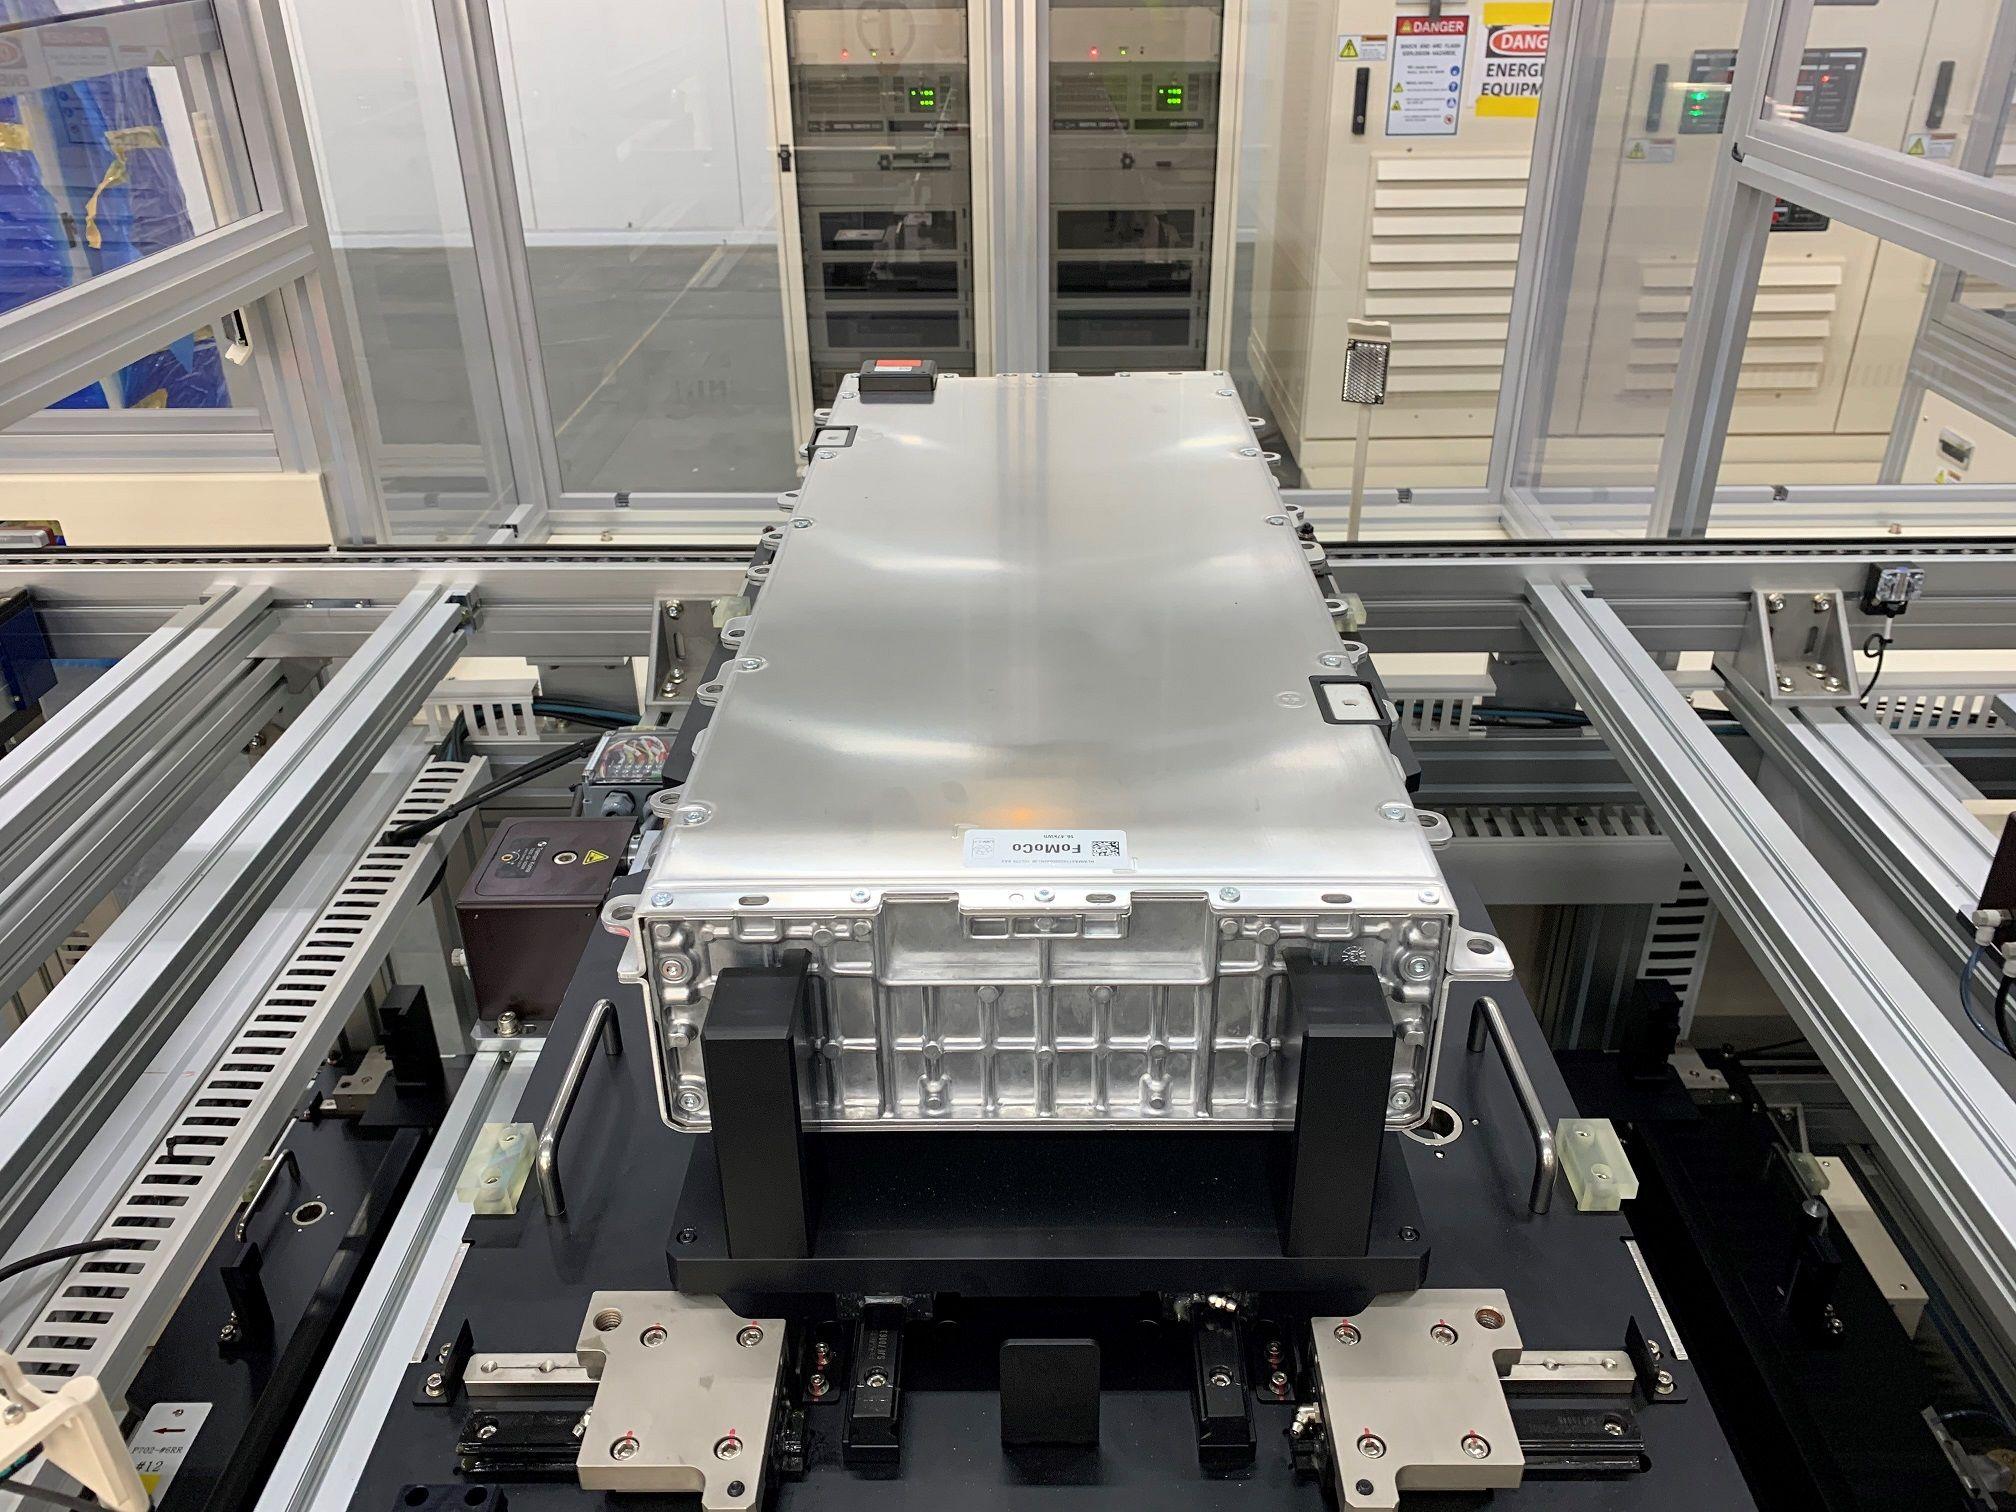 フォード、韓国SKと車載バッテリーの合弁会社「ブルーオーバルSK」設立 EV用電池の安定調達へ